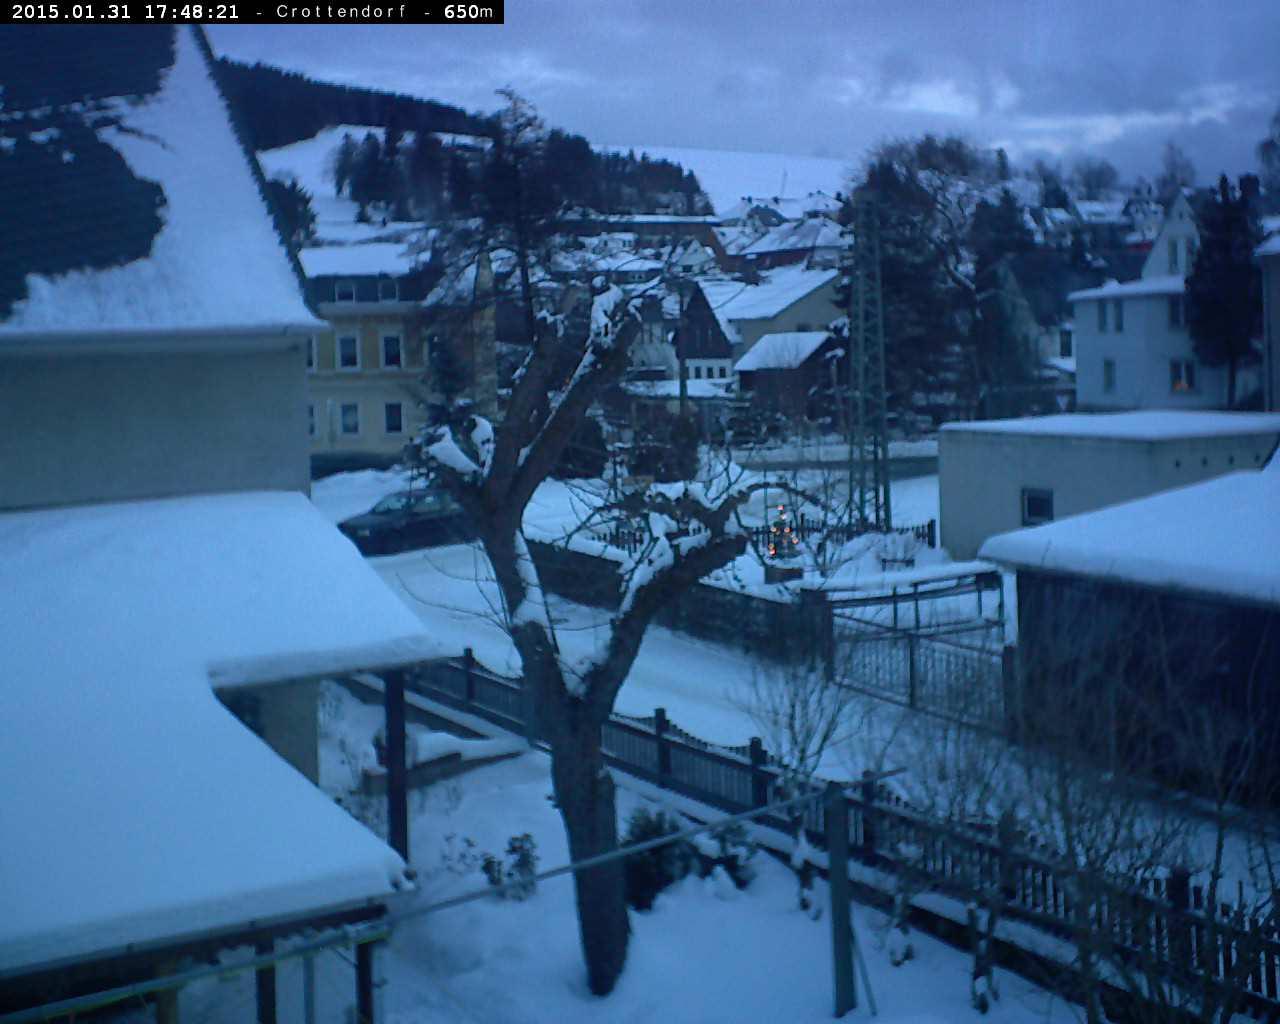 Webcam Skigebied Crottendorf cam 2 - Ertsgebergte